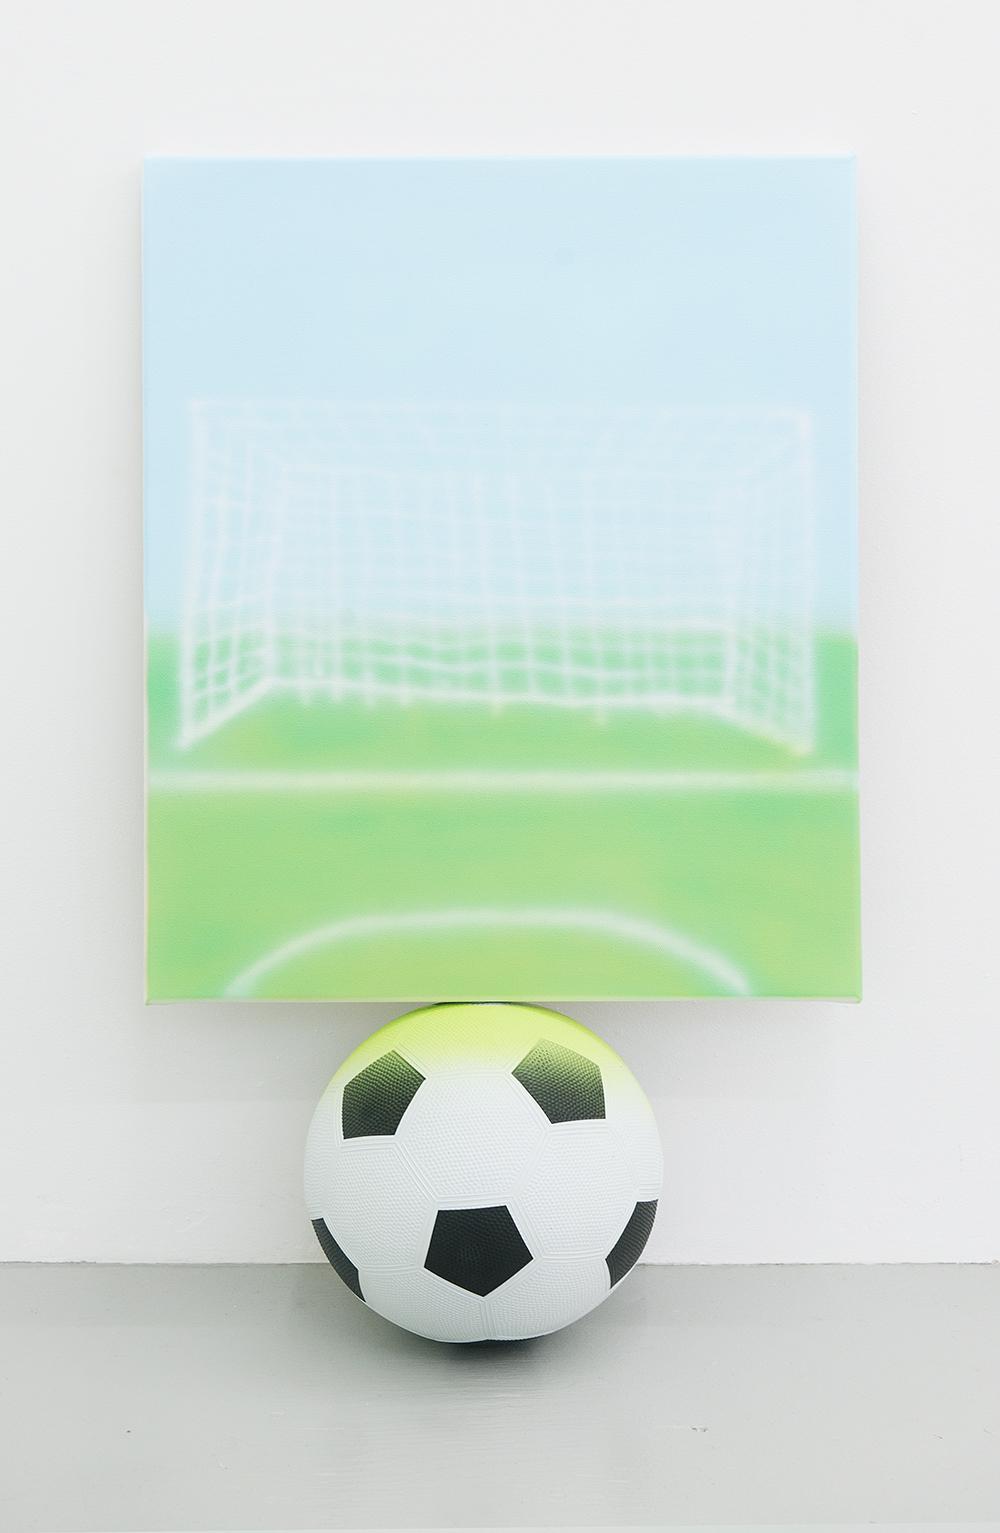 Jonny Paul Gillette Goal on soccer ball, 2015 Acrylic polymer on canvas, soccer ball